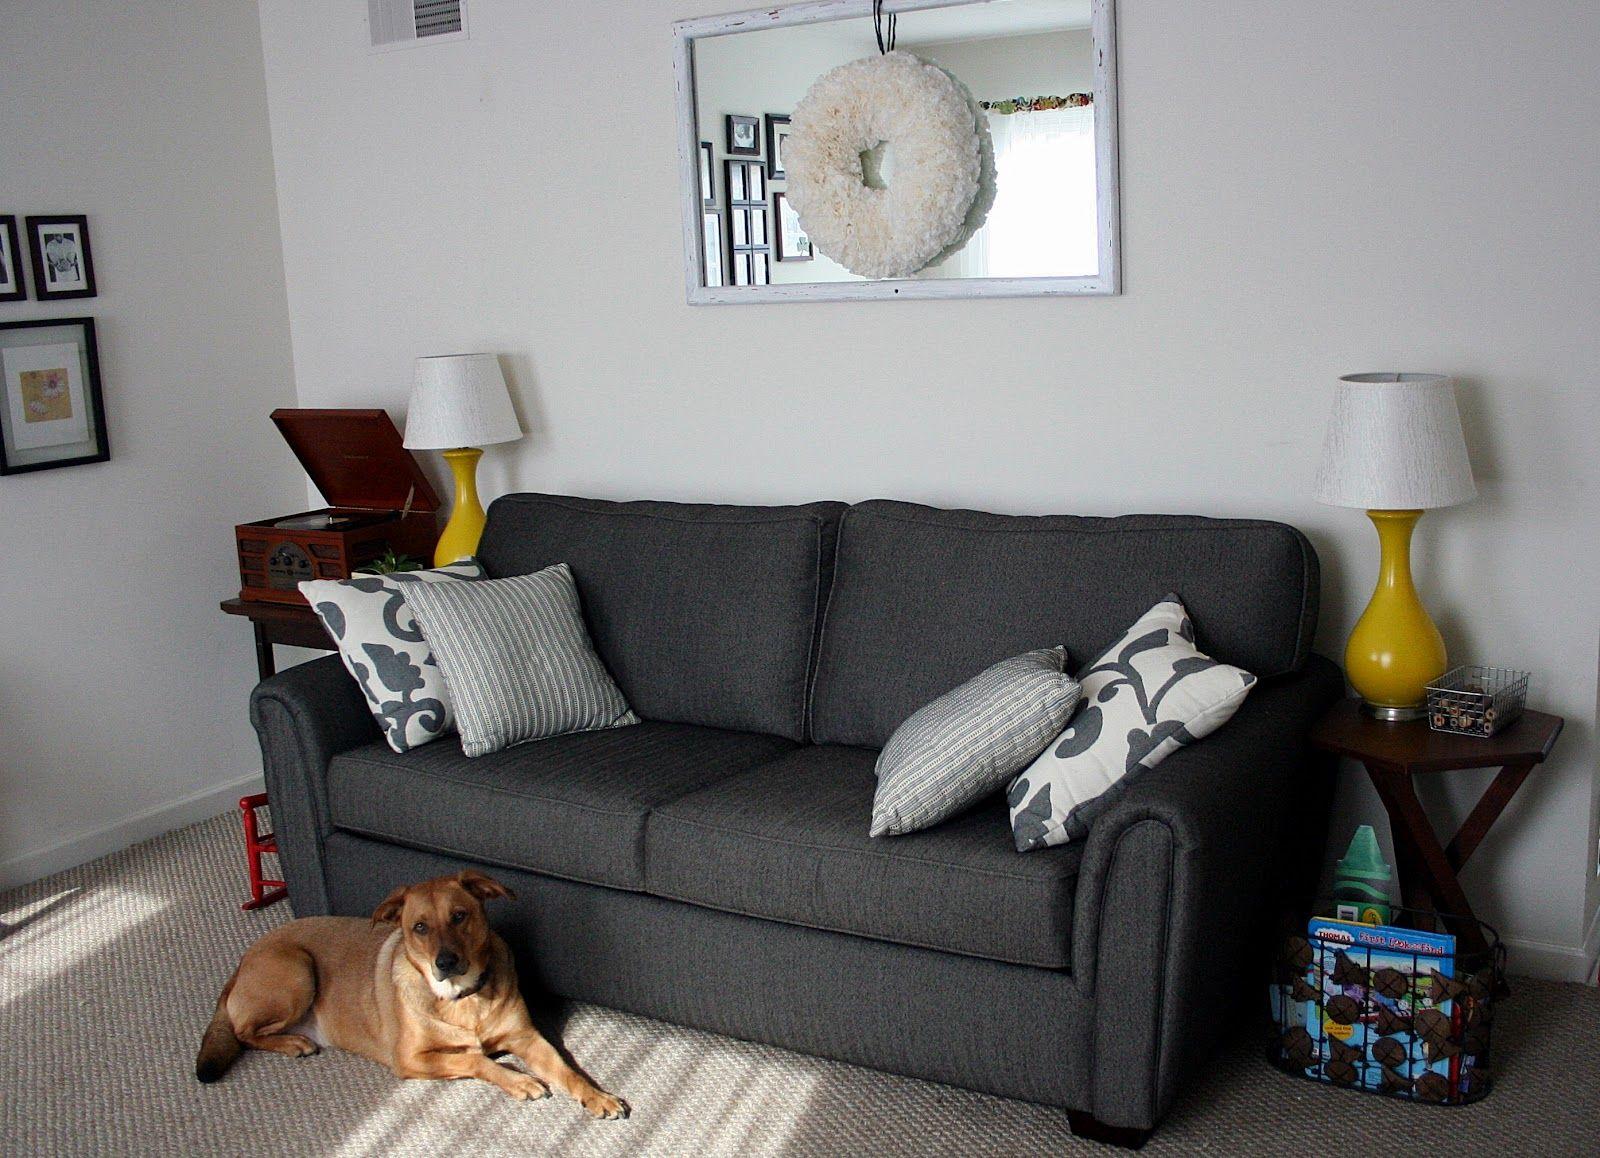 dark grey couches with dark green pillows - Google Search & dark grey couches with dark green pillows - Google Search | New ... pillowsntoast.com